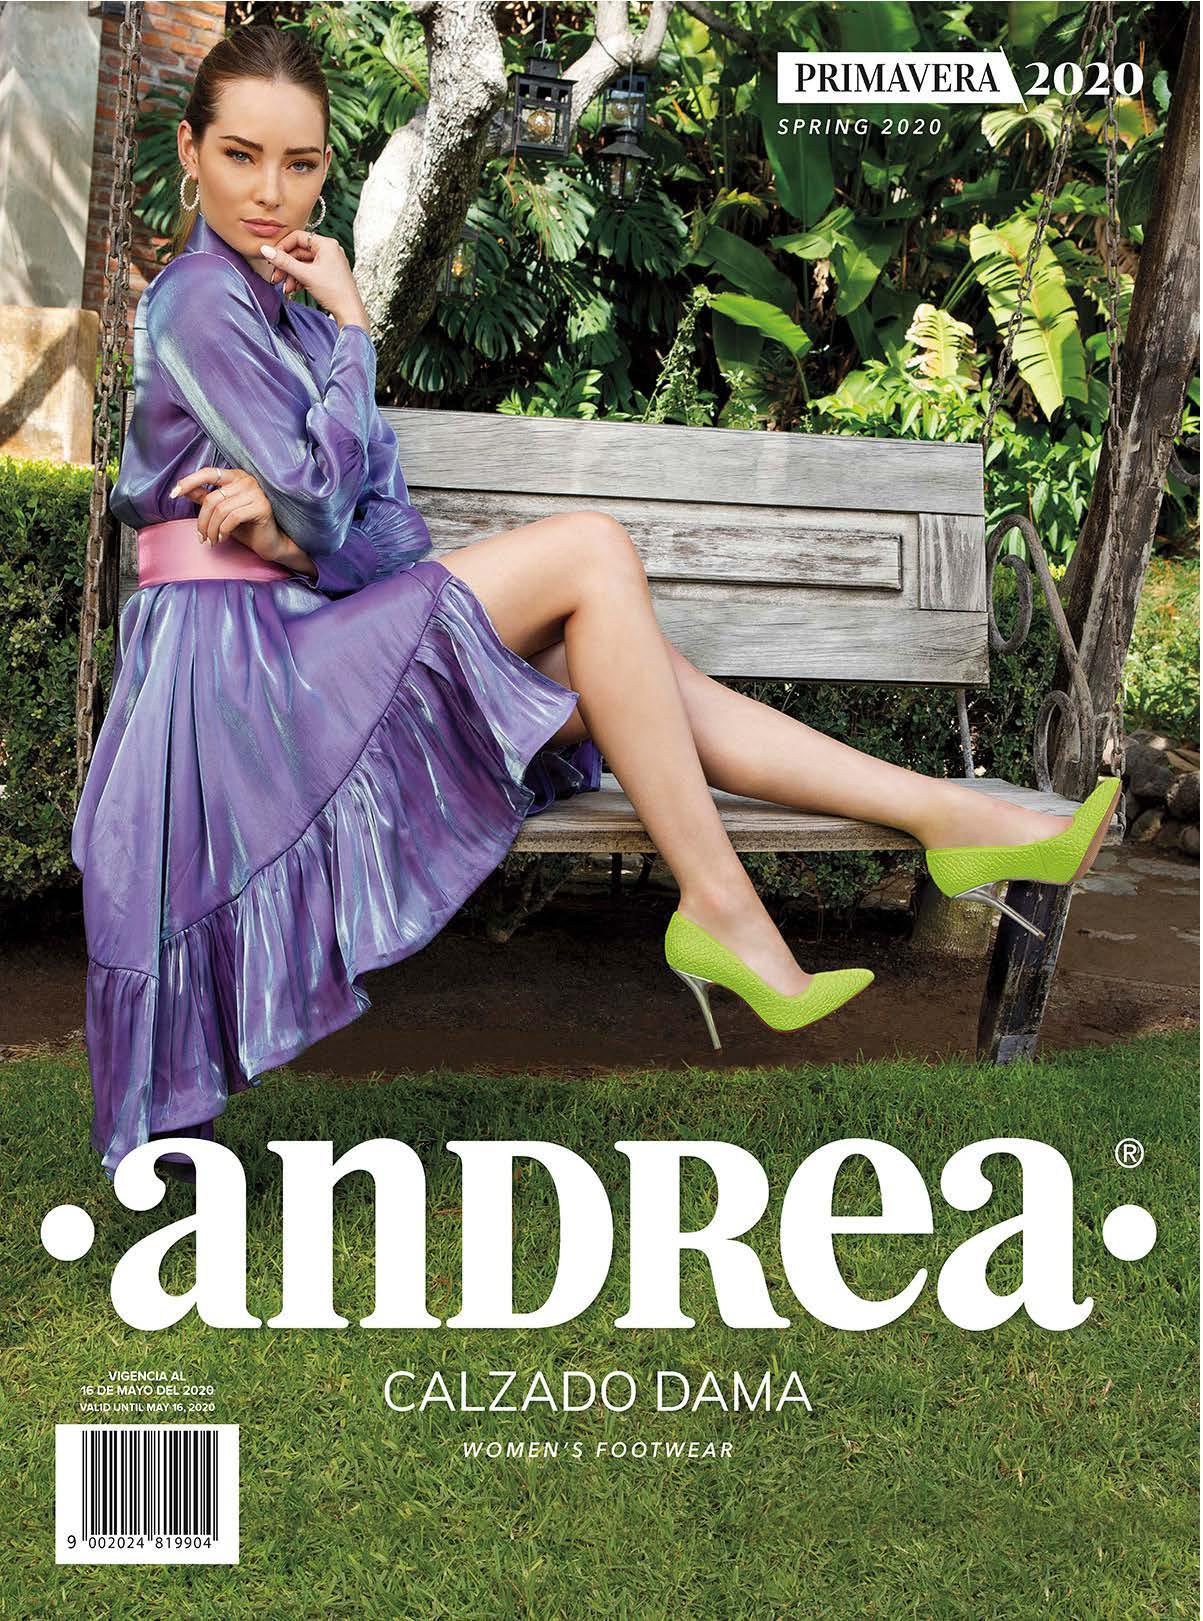 Andrea Cerrado